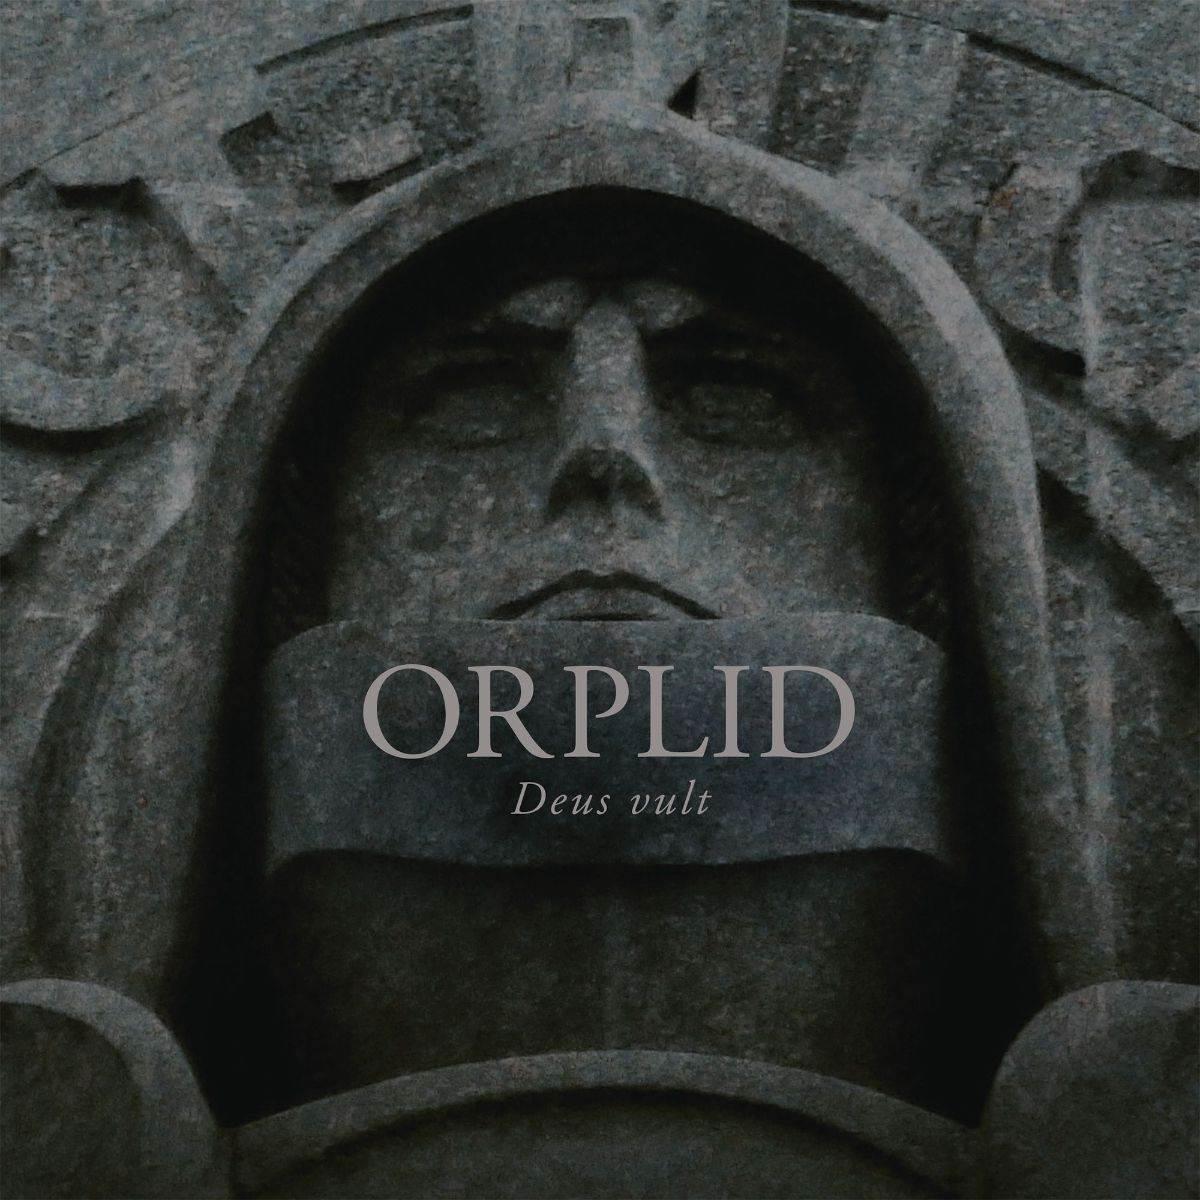 """orplid:-neue-single-mit-katrin-lindner-vom-neofolk-album-""""deus-vult"""""""